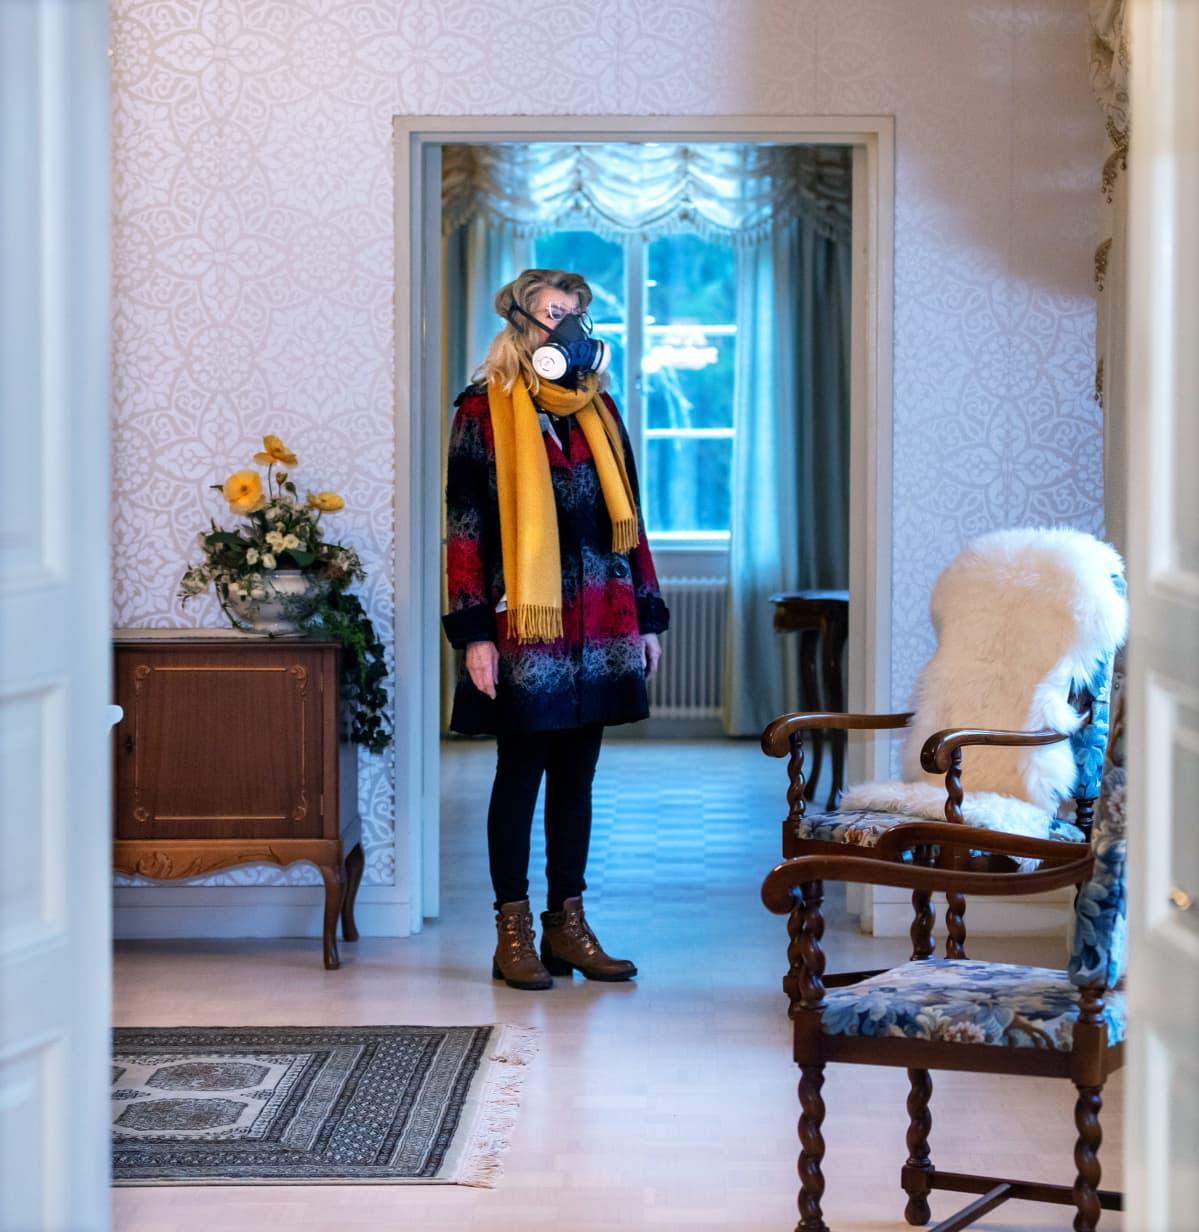 Terttu Aalto seisoo talonsa sisällä hengityssuojain kasvoillaan